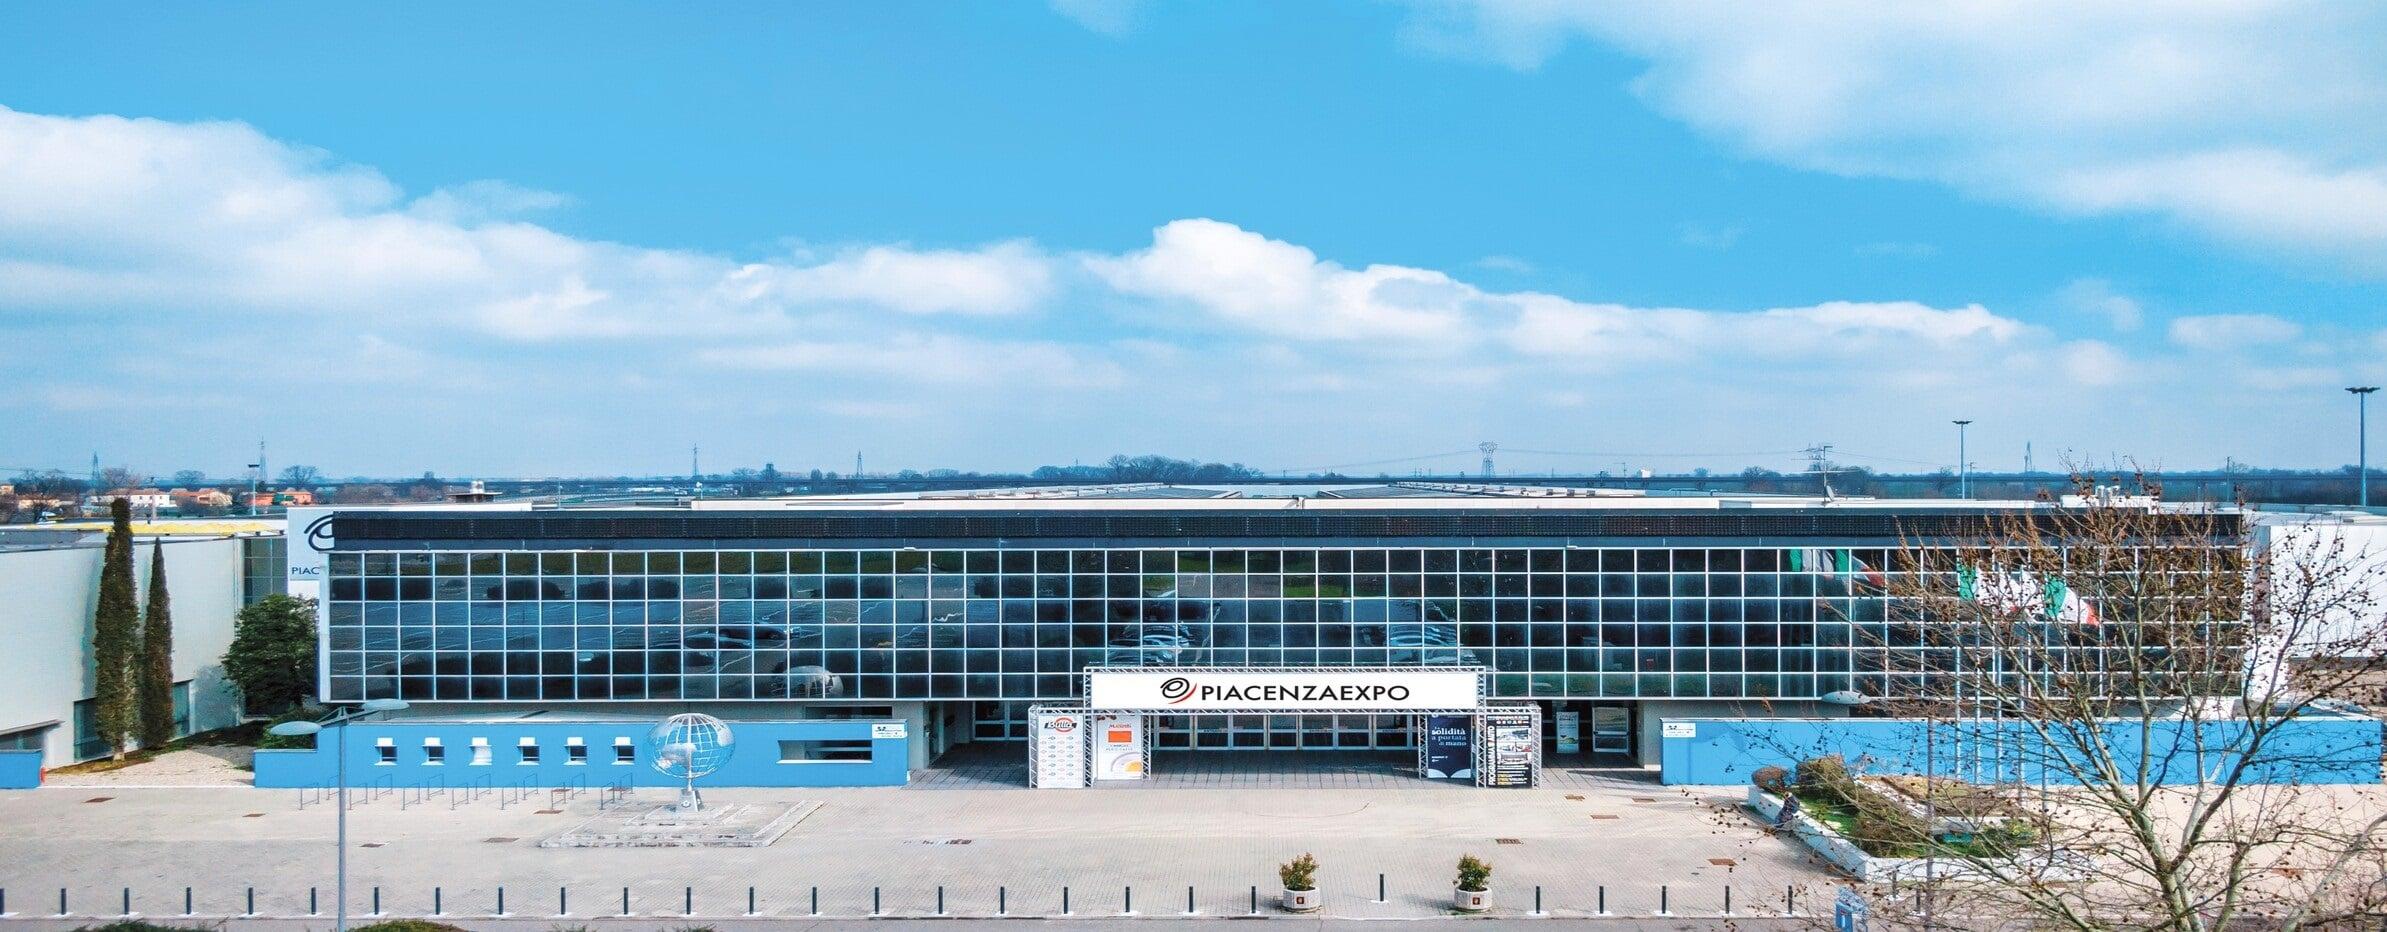 Vista frontale della sede di Piacenza Expo - Piacenza Expo